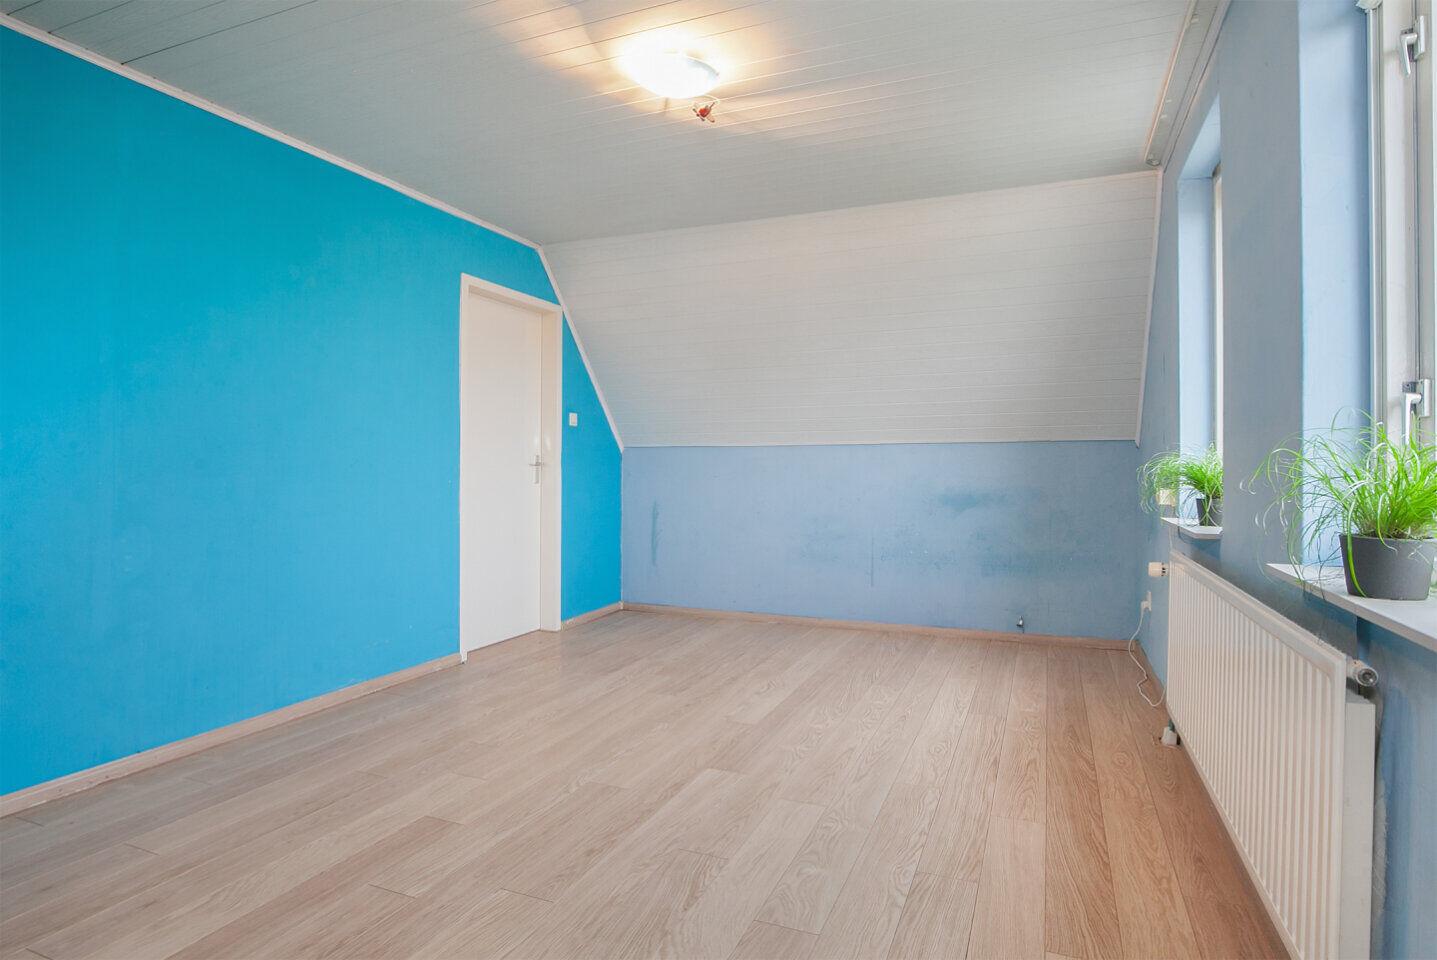 36466-gibsonstraat_16-steenbergen-1242277794